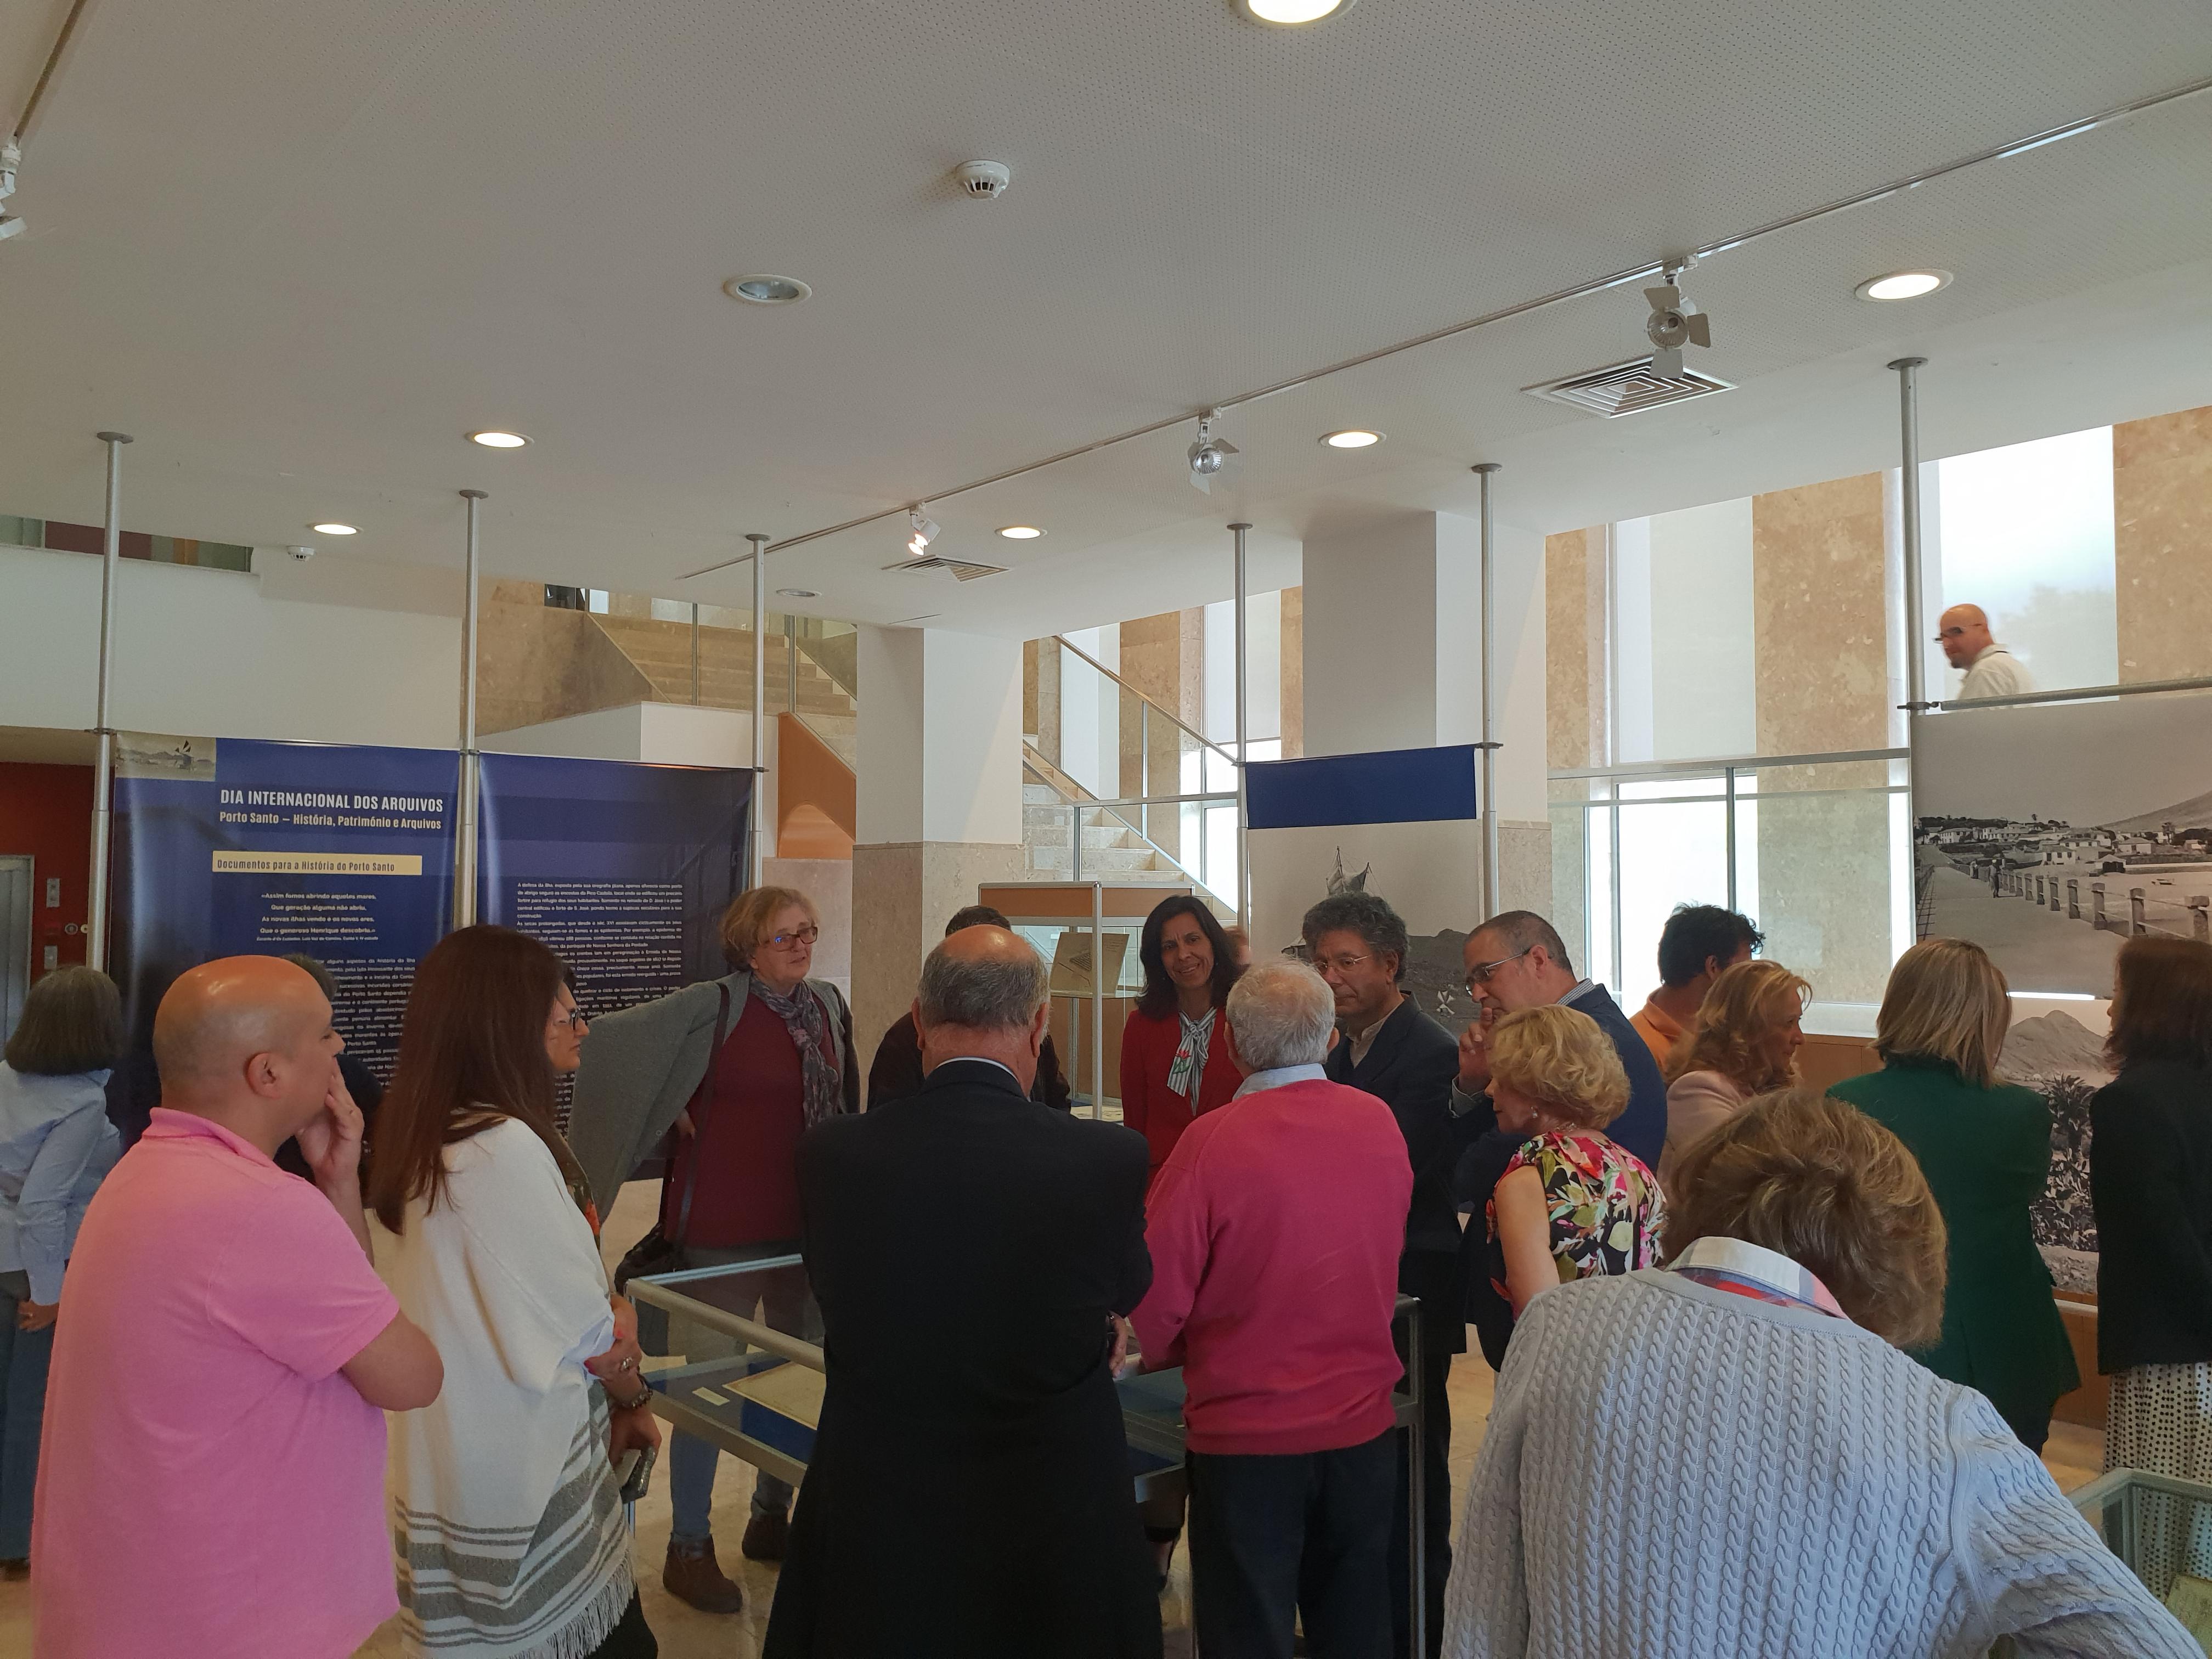 Dia Internacional dos Arquivos: Porto Santo, História, Património e Arquivos